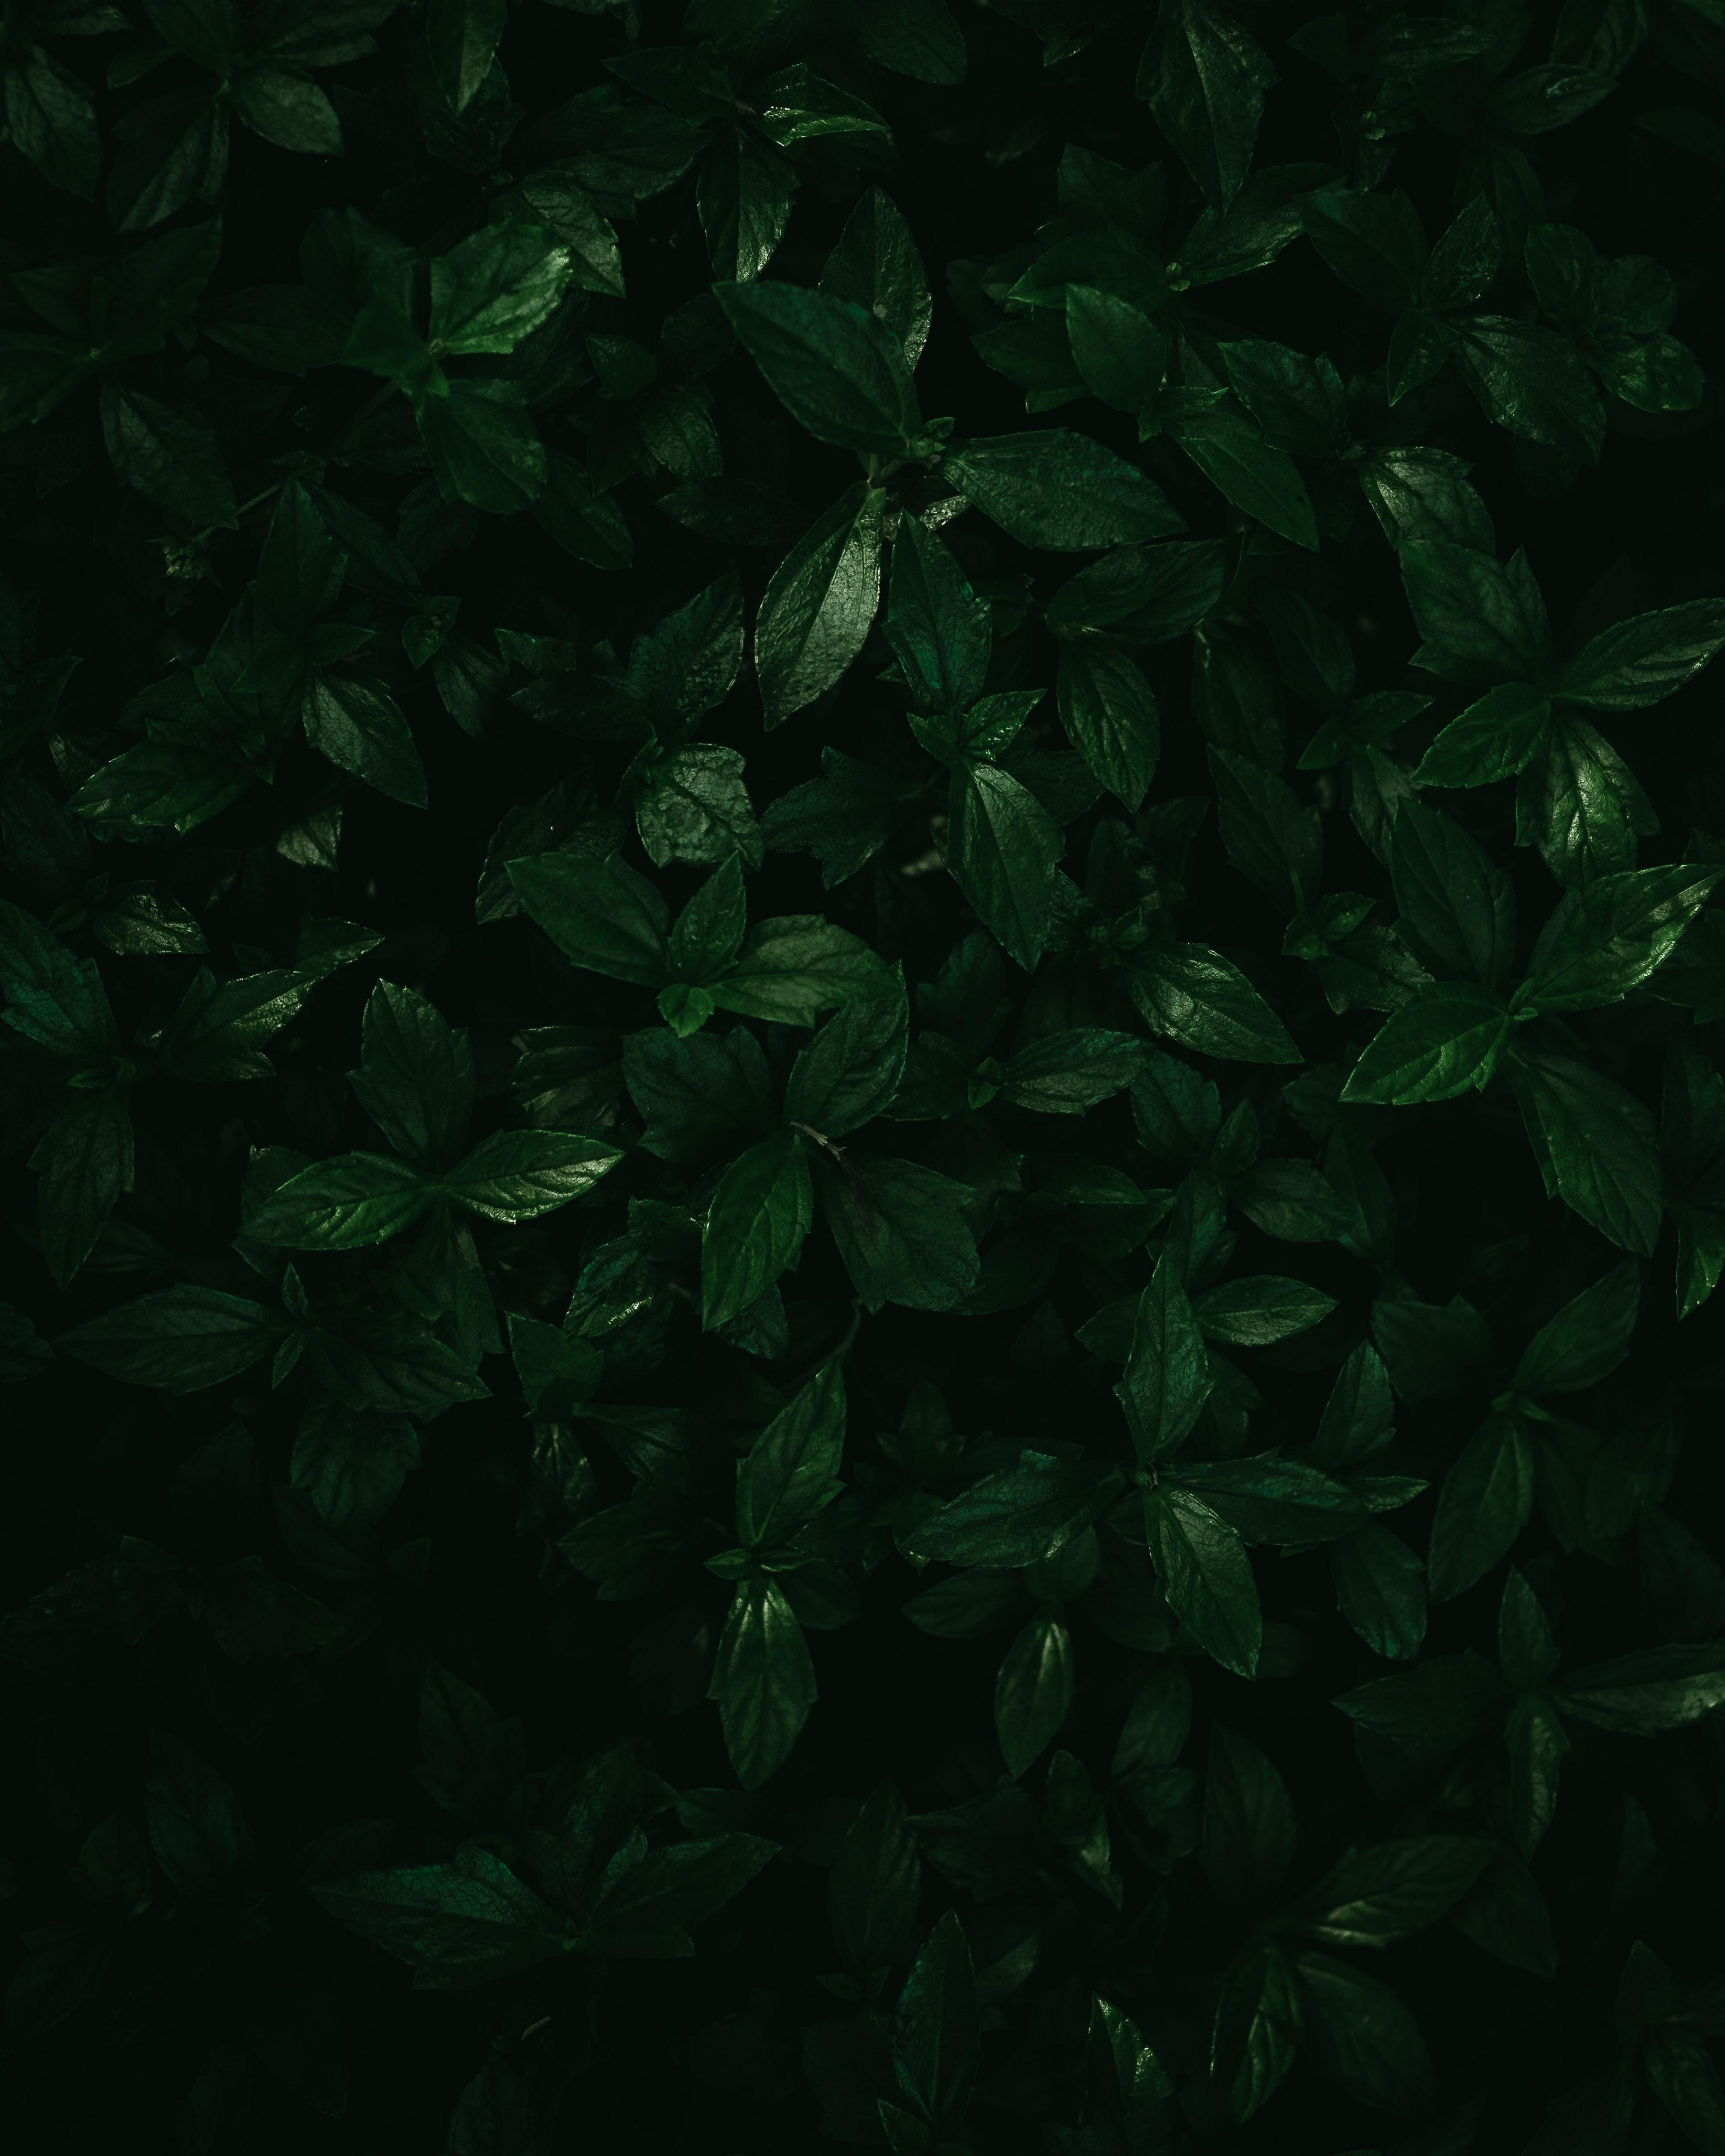 142283 скачать обои Макро, Растения, Листья, Зеленый - заставки и картинки бесплатно